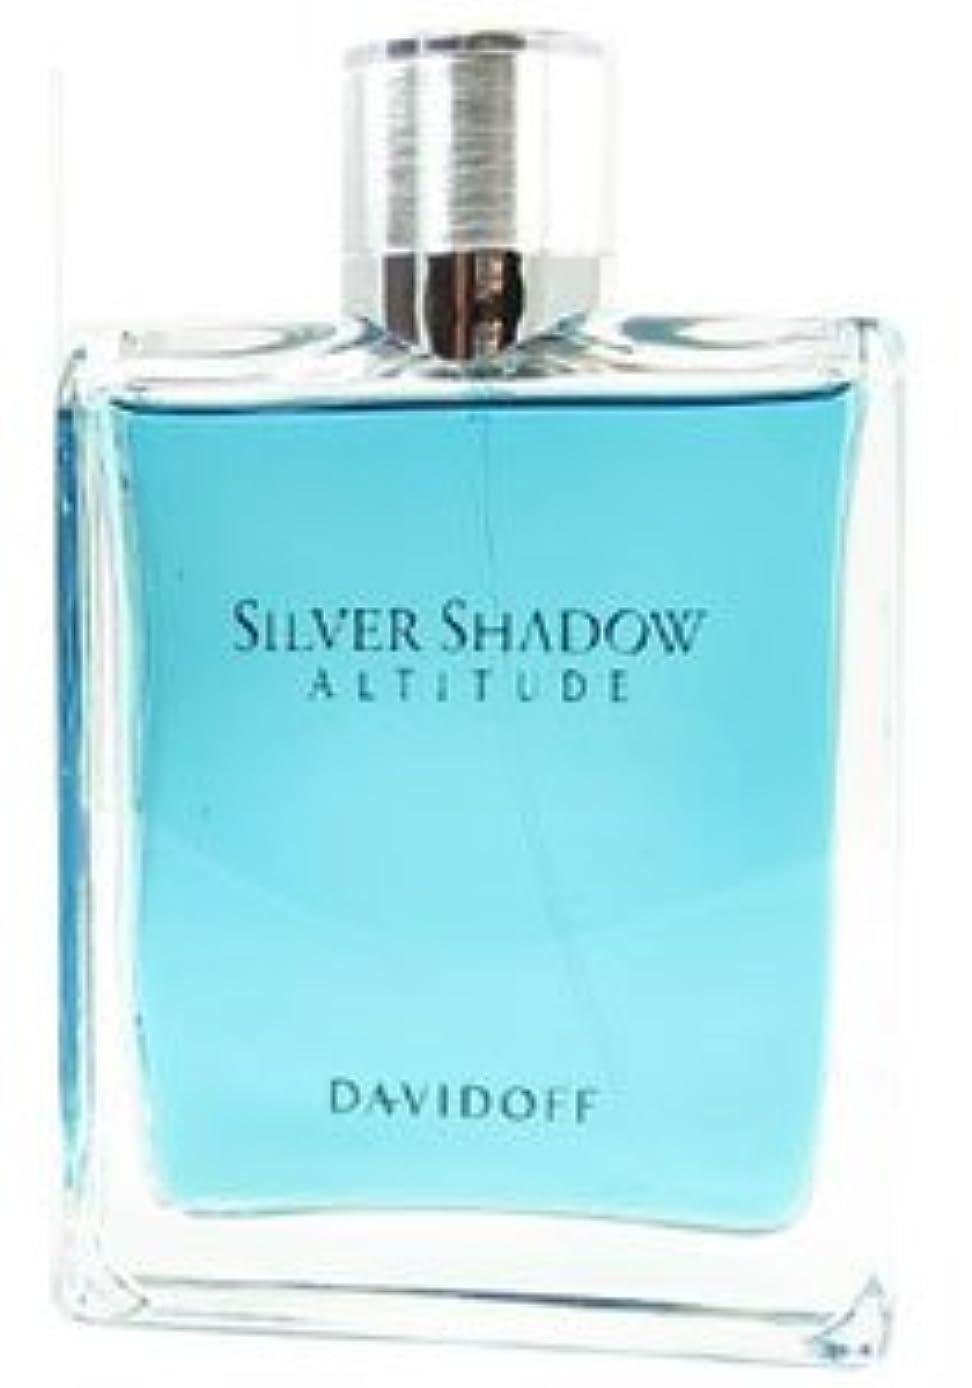 惨めなリール謝るSilver Shadow Altitude (シルバーシャドウ アルティテュード) ミニチュア 7.5ml by Davidoff for men